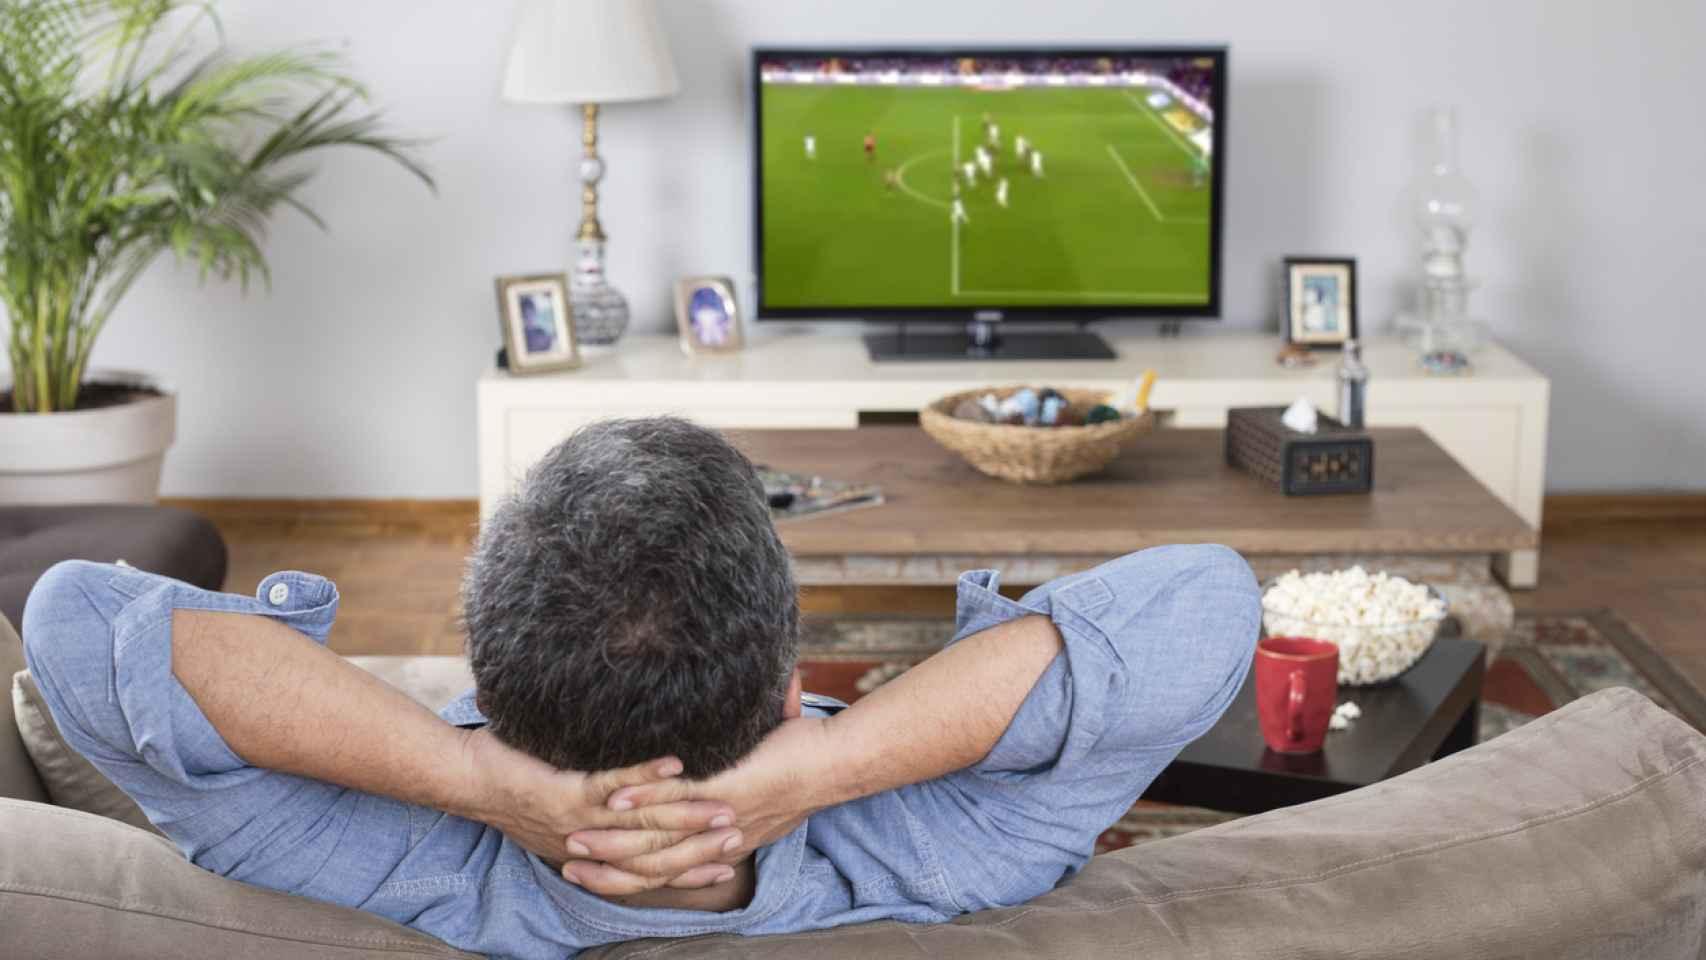 Las mejores televisiones para que este verano veas los Juegos Olímpicos o la Eurocopa a lo grande